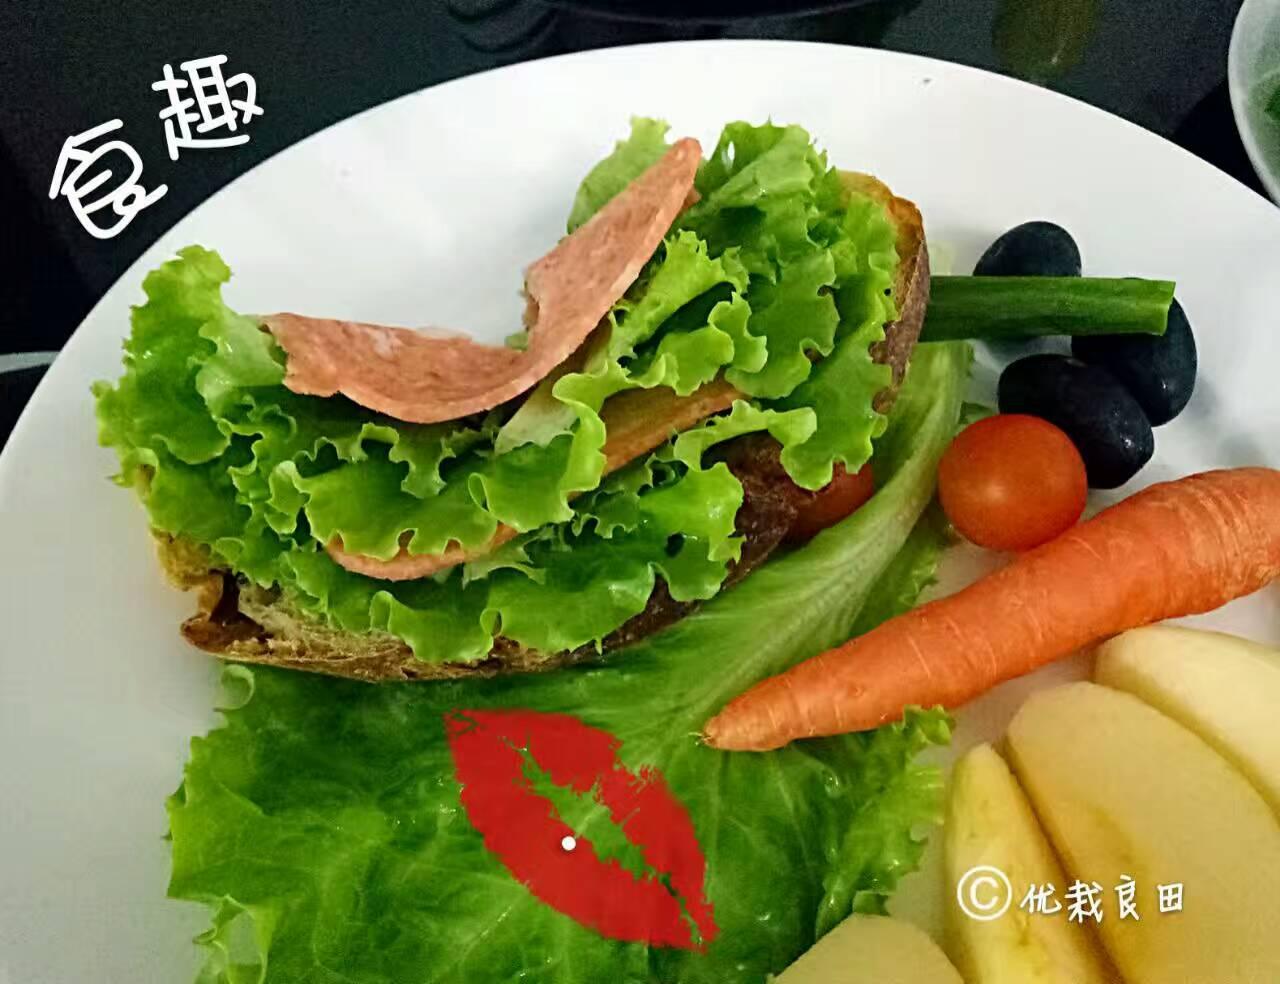 【素食故事】有这样一位宝妈 为了女儿净素食,将蔬素料理创意玩出大趣味!